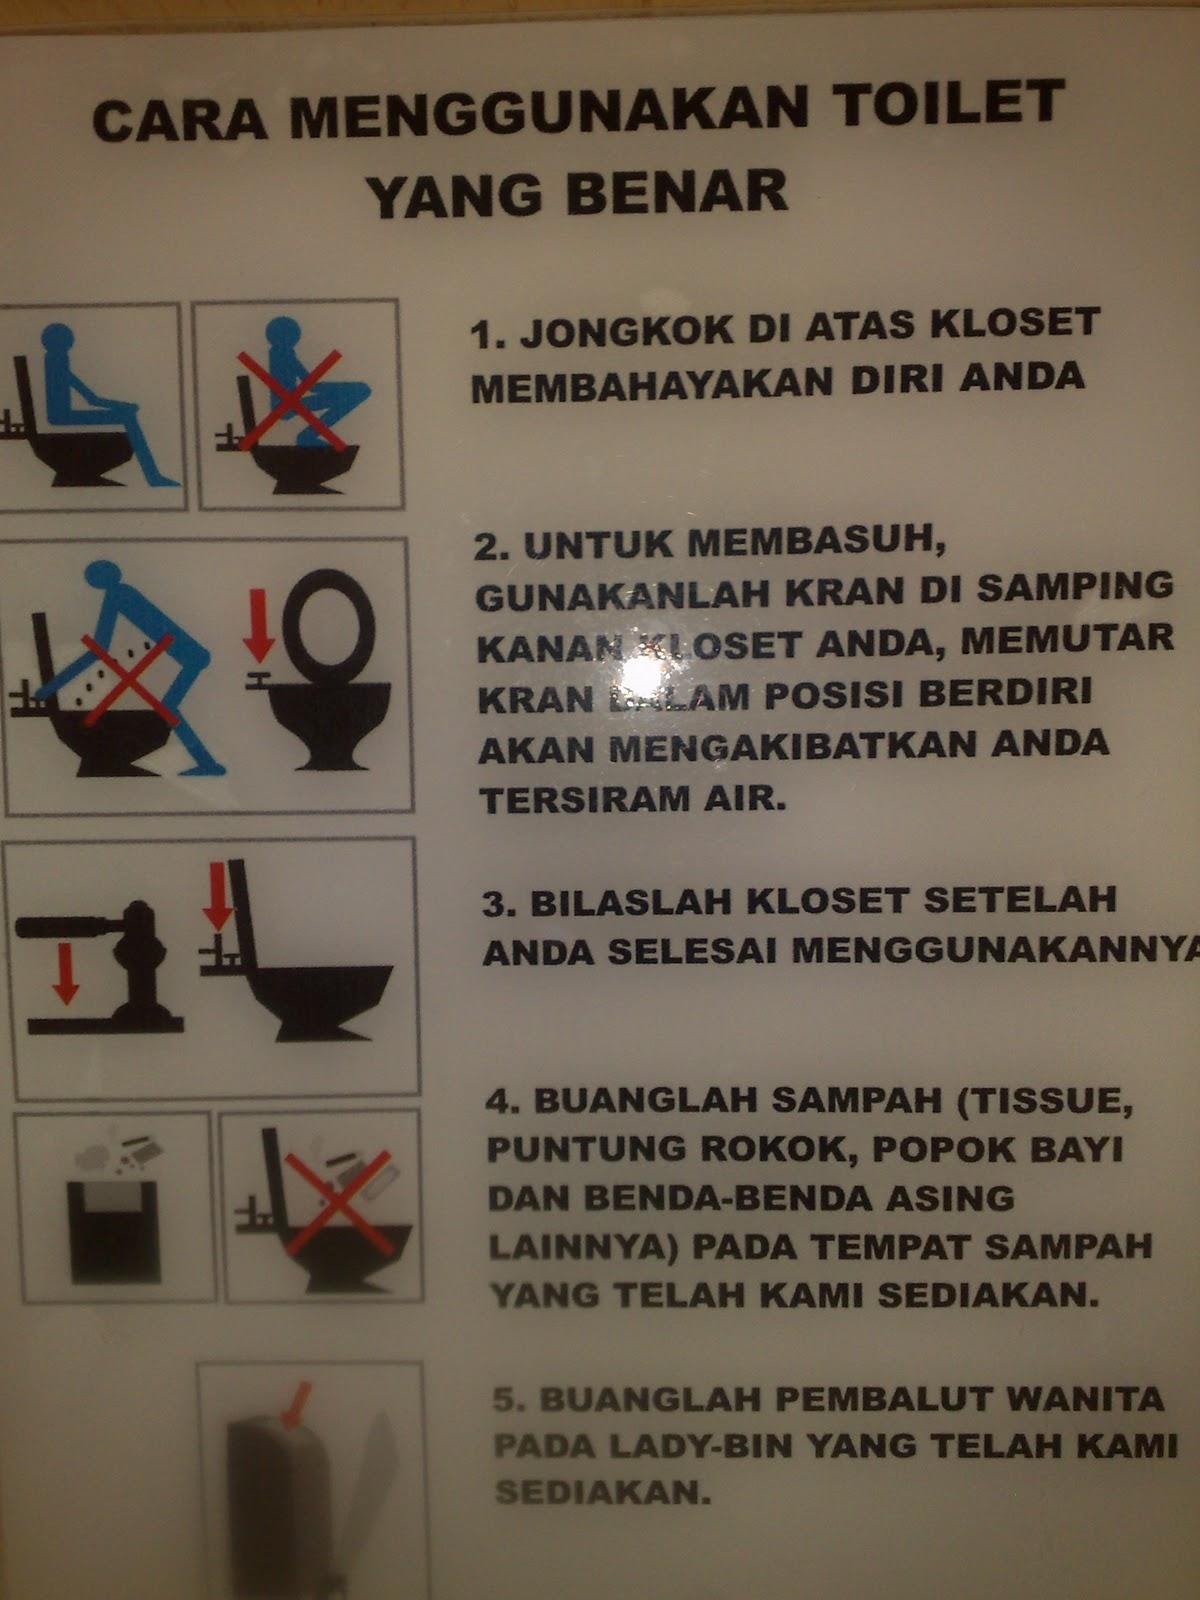 toilet duduk Cara Menggunakan Toilet Yang Benar